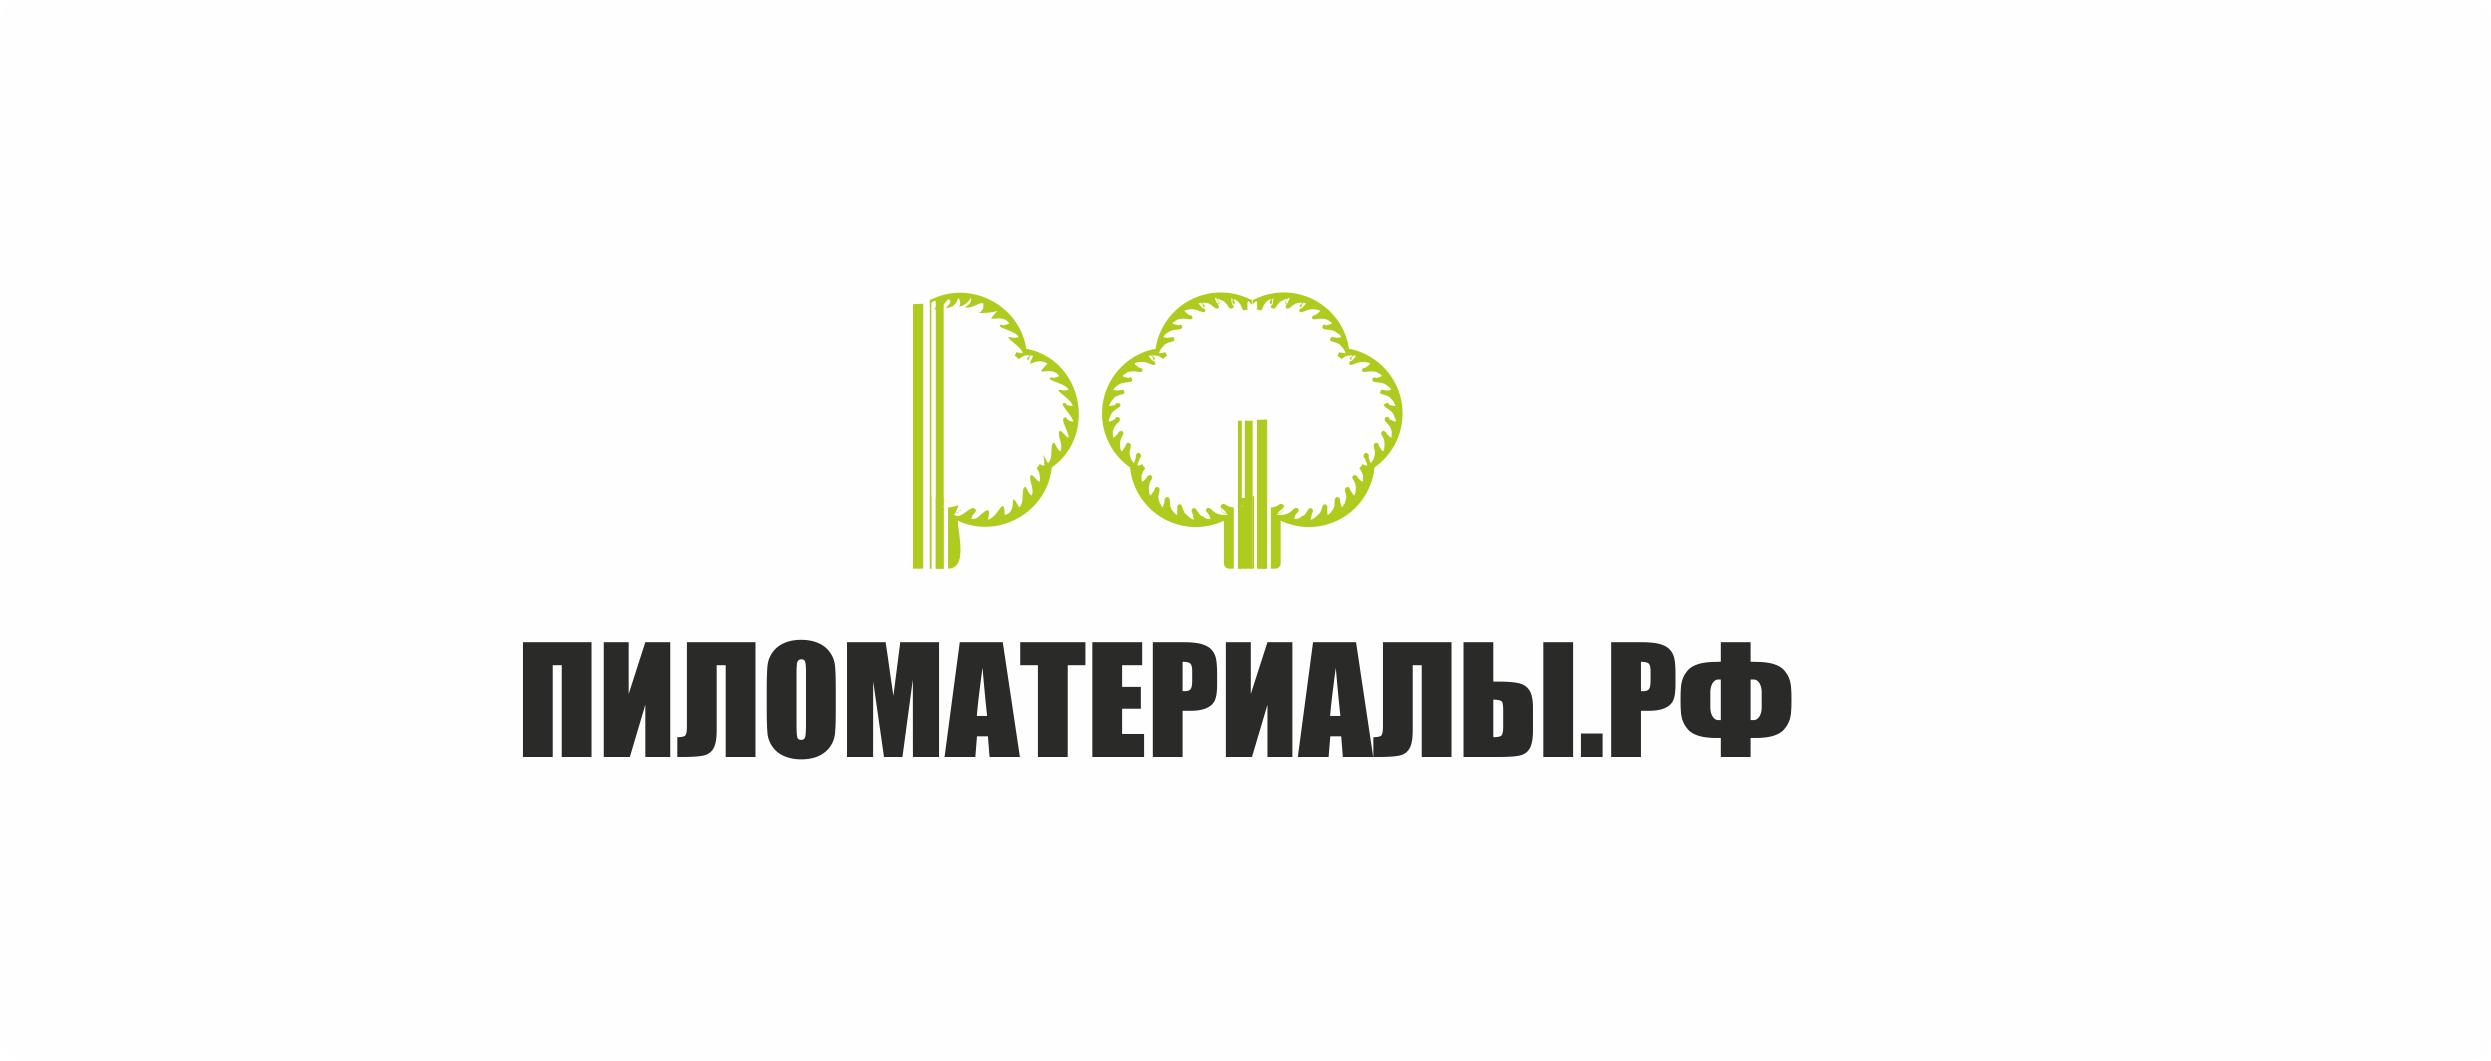 """Создание логотипа и фирменного стиля """"Пиломатериалы.РФ"""" фото f_275530b26ef78a47.png"""